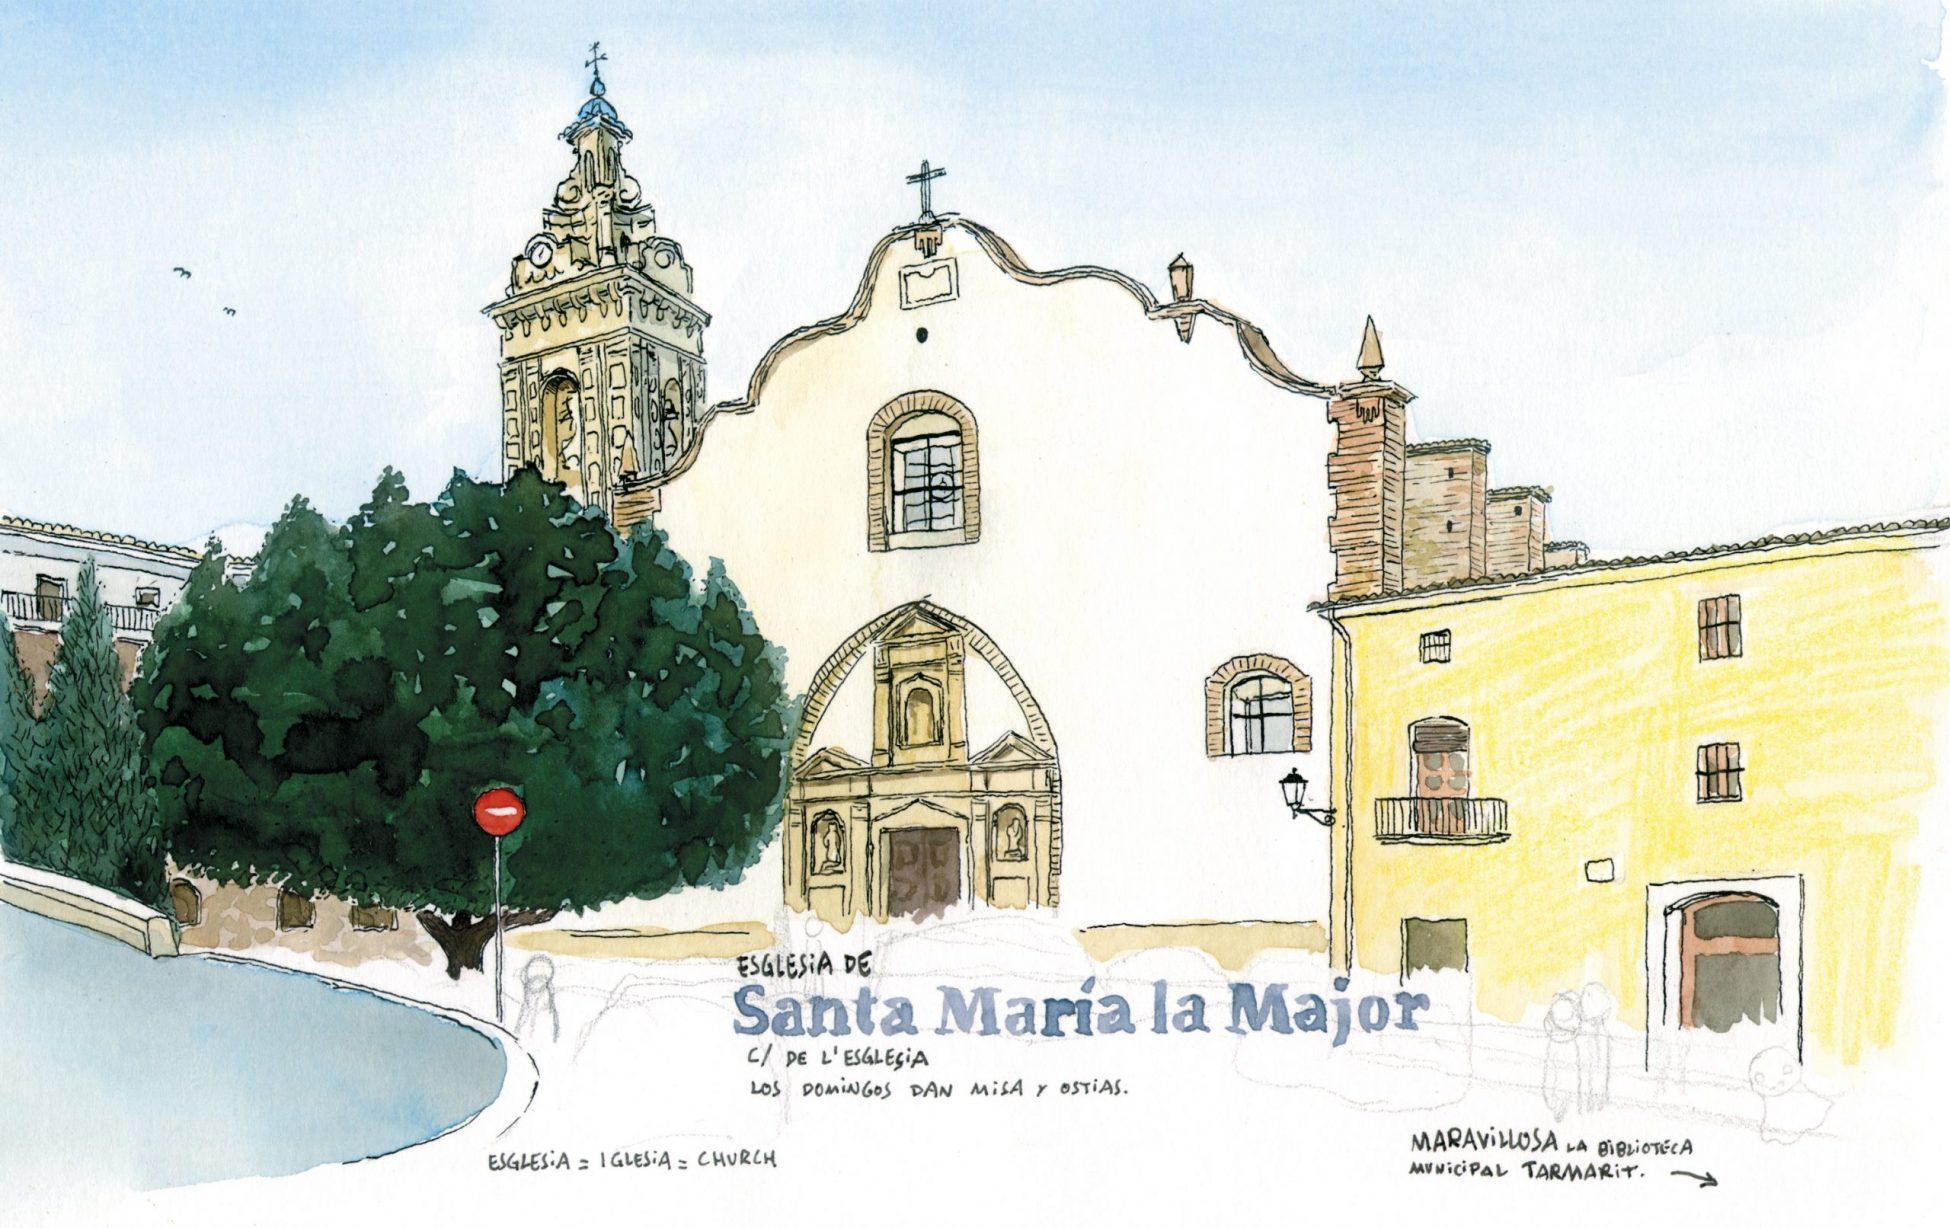 Lámina para enmarcar con una ilustración de la iglesia de santa maria en el municipio de Oliva, Valencia. Dibujos en acuarela